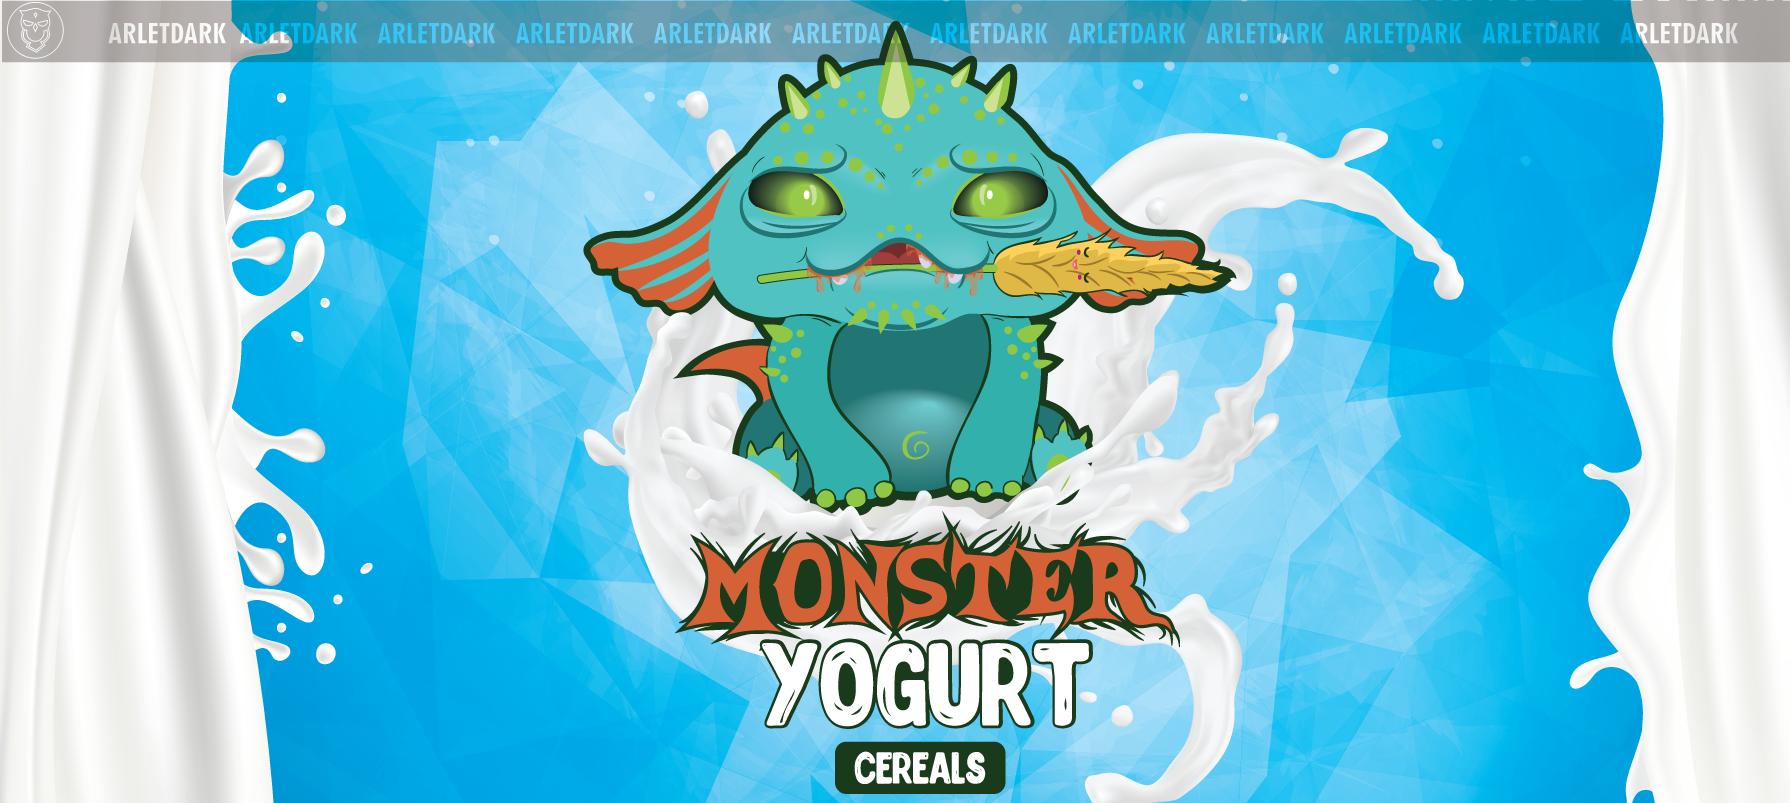 Monster yogurt cereals